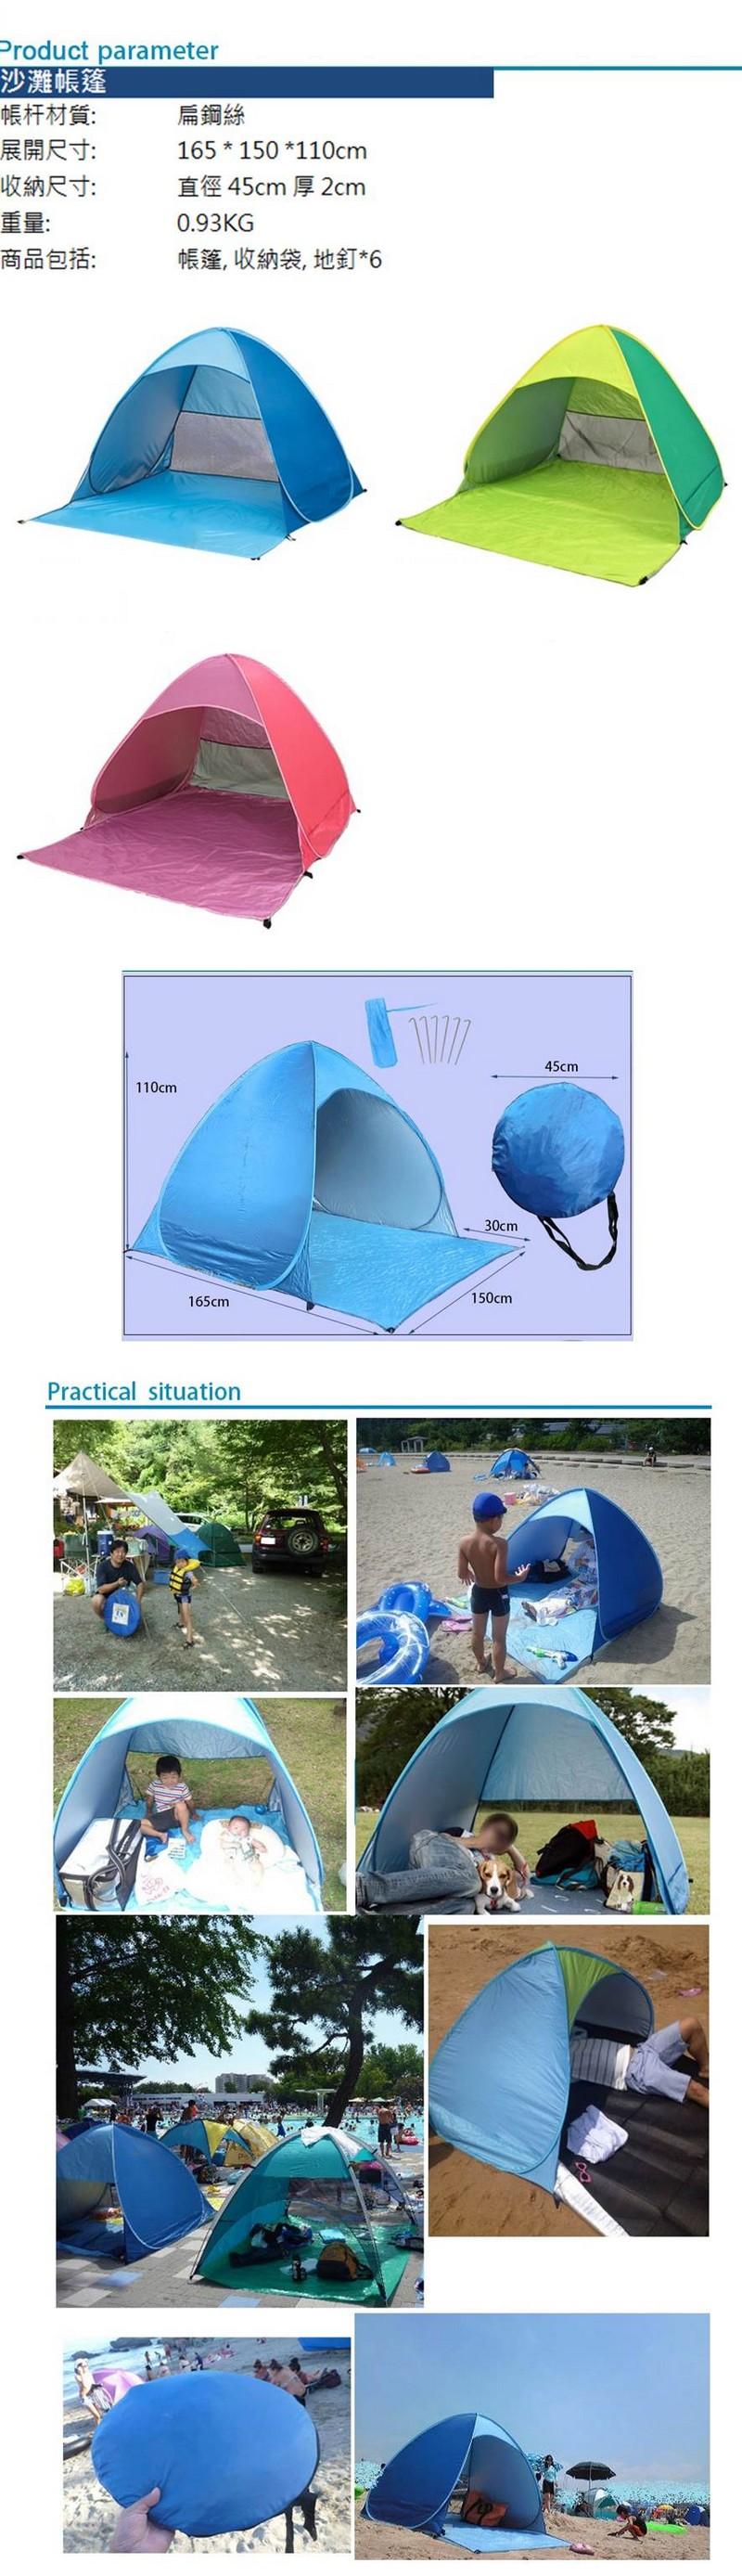 拼色單人沙灘 帳蓬藍+淺藍色